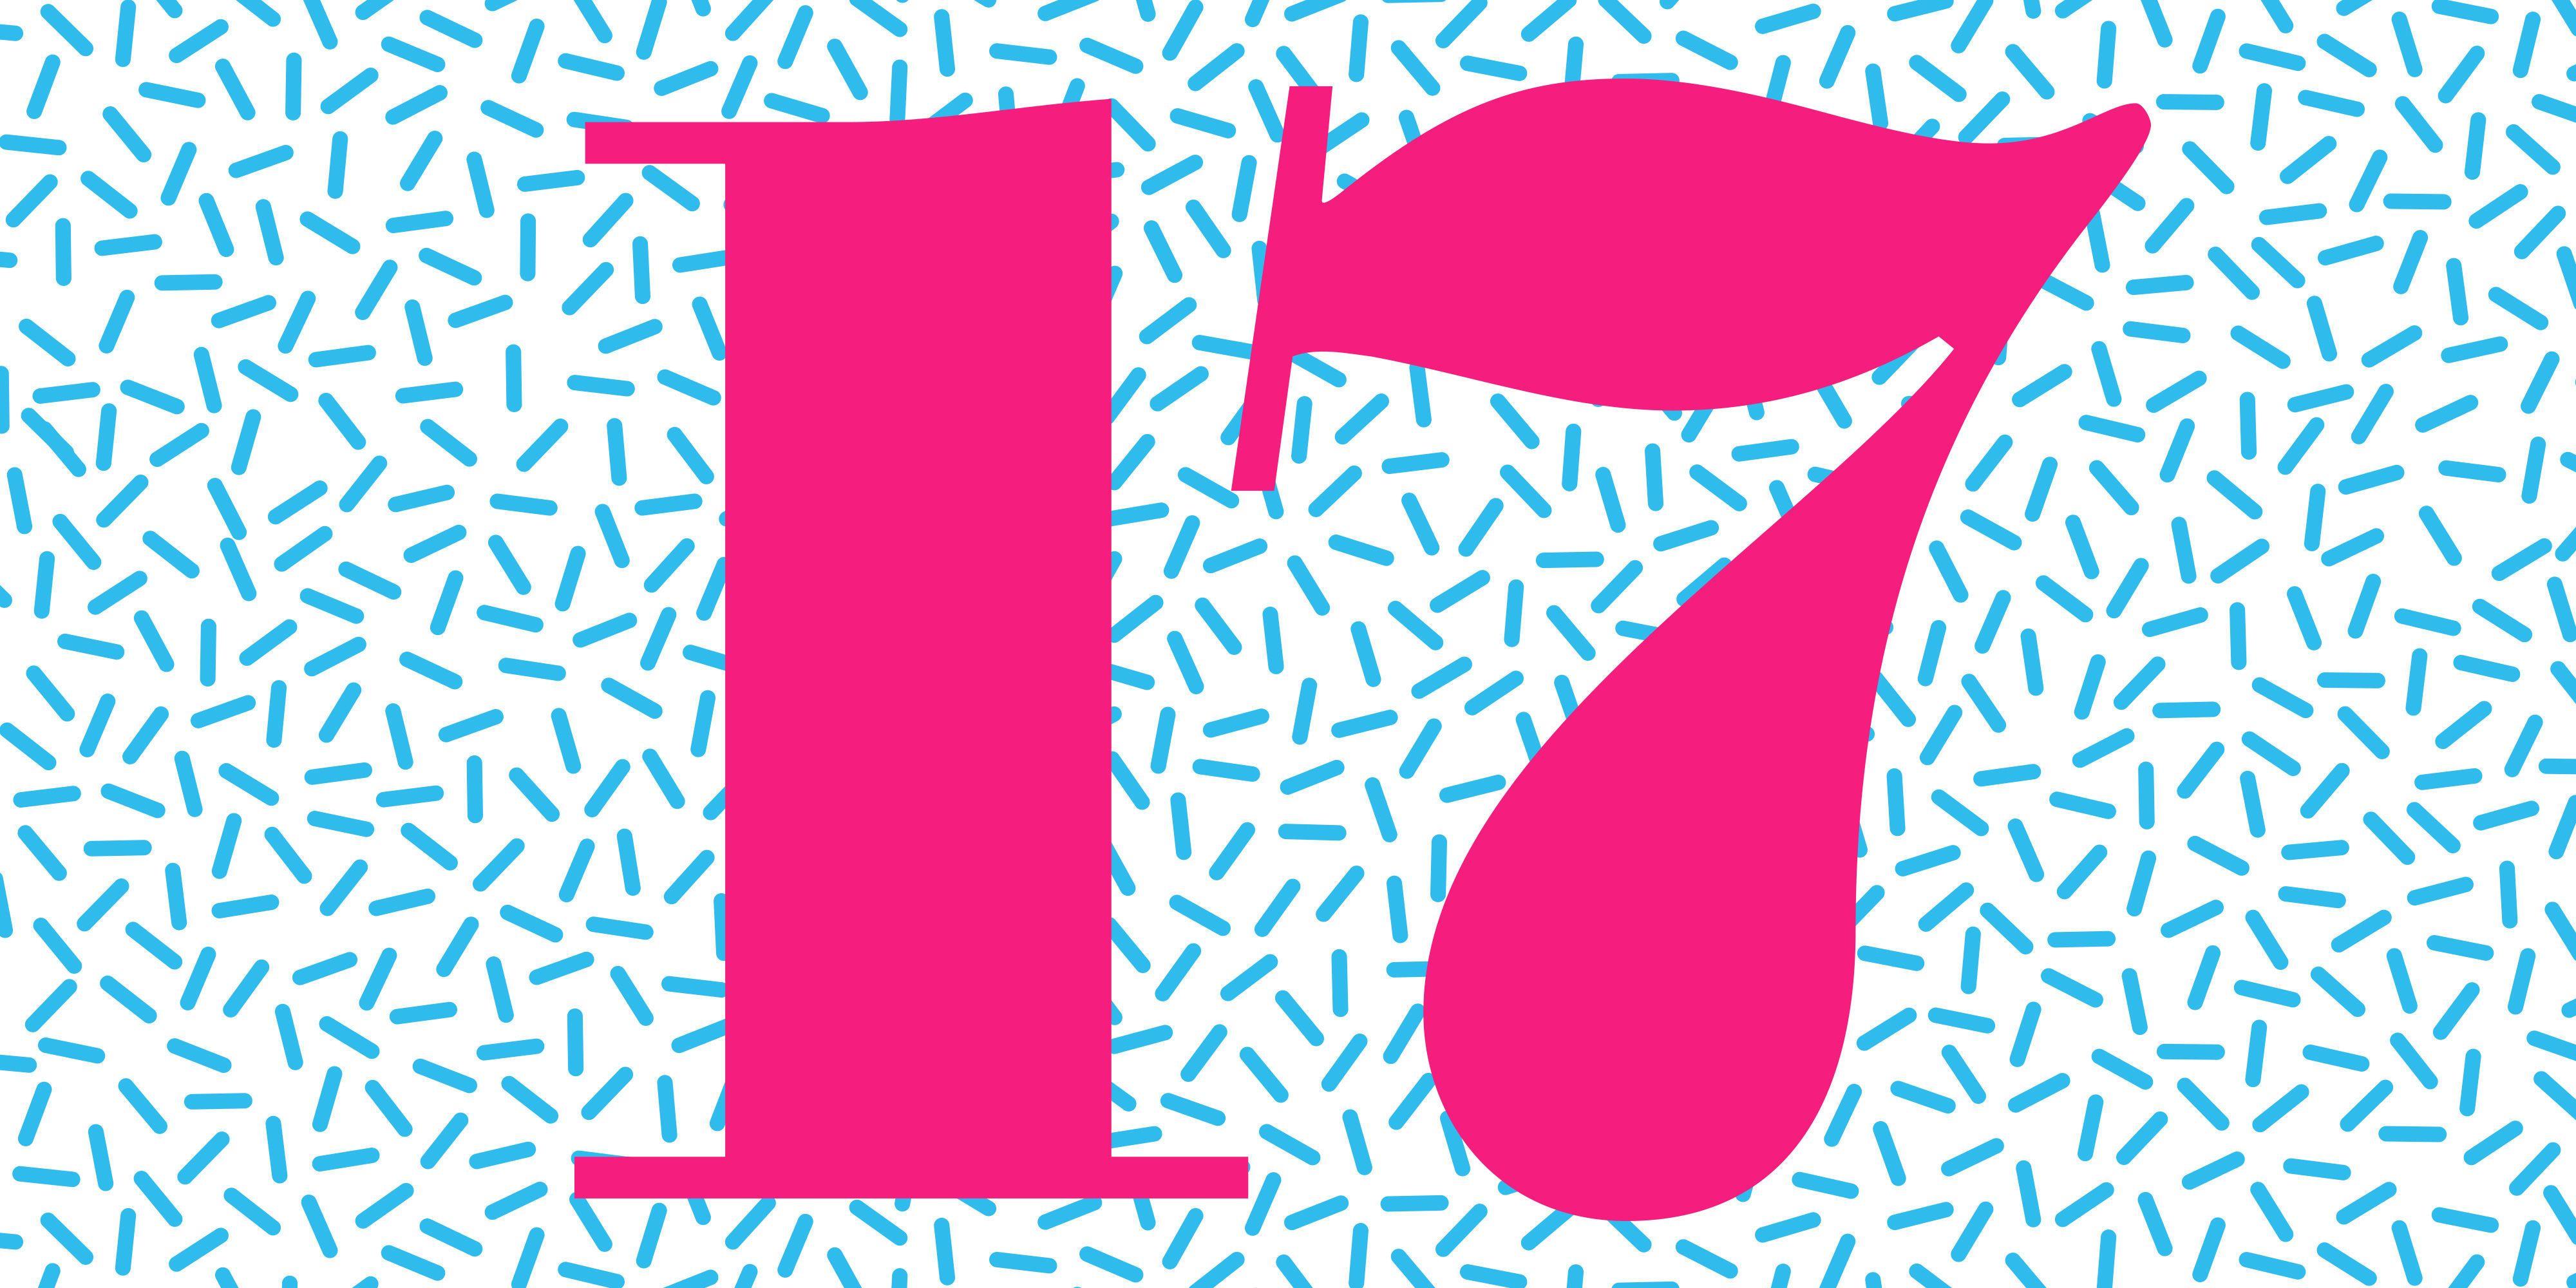 Teen magazine sweepstakes and giveaways